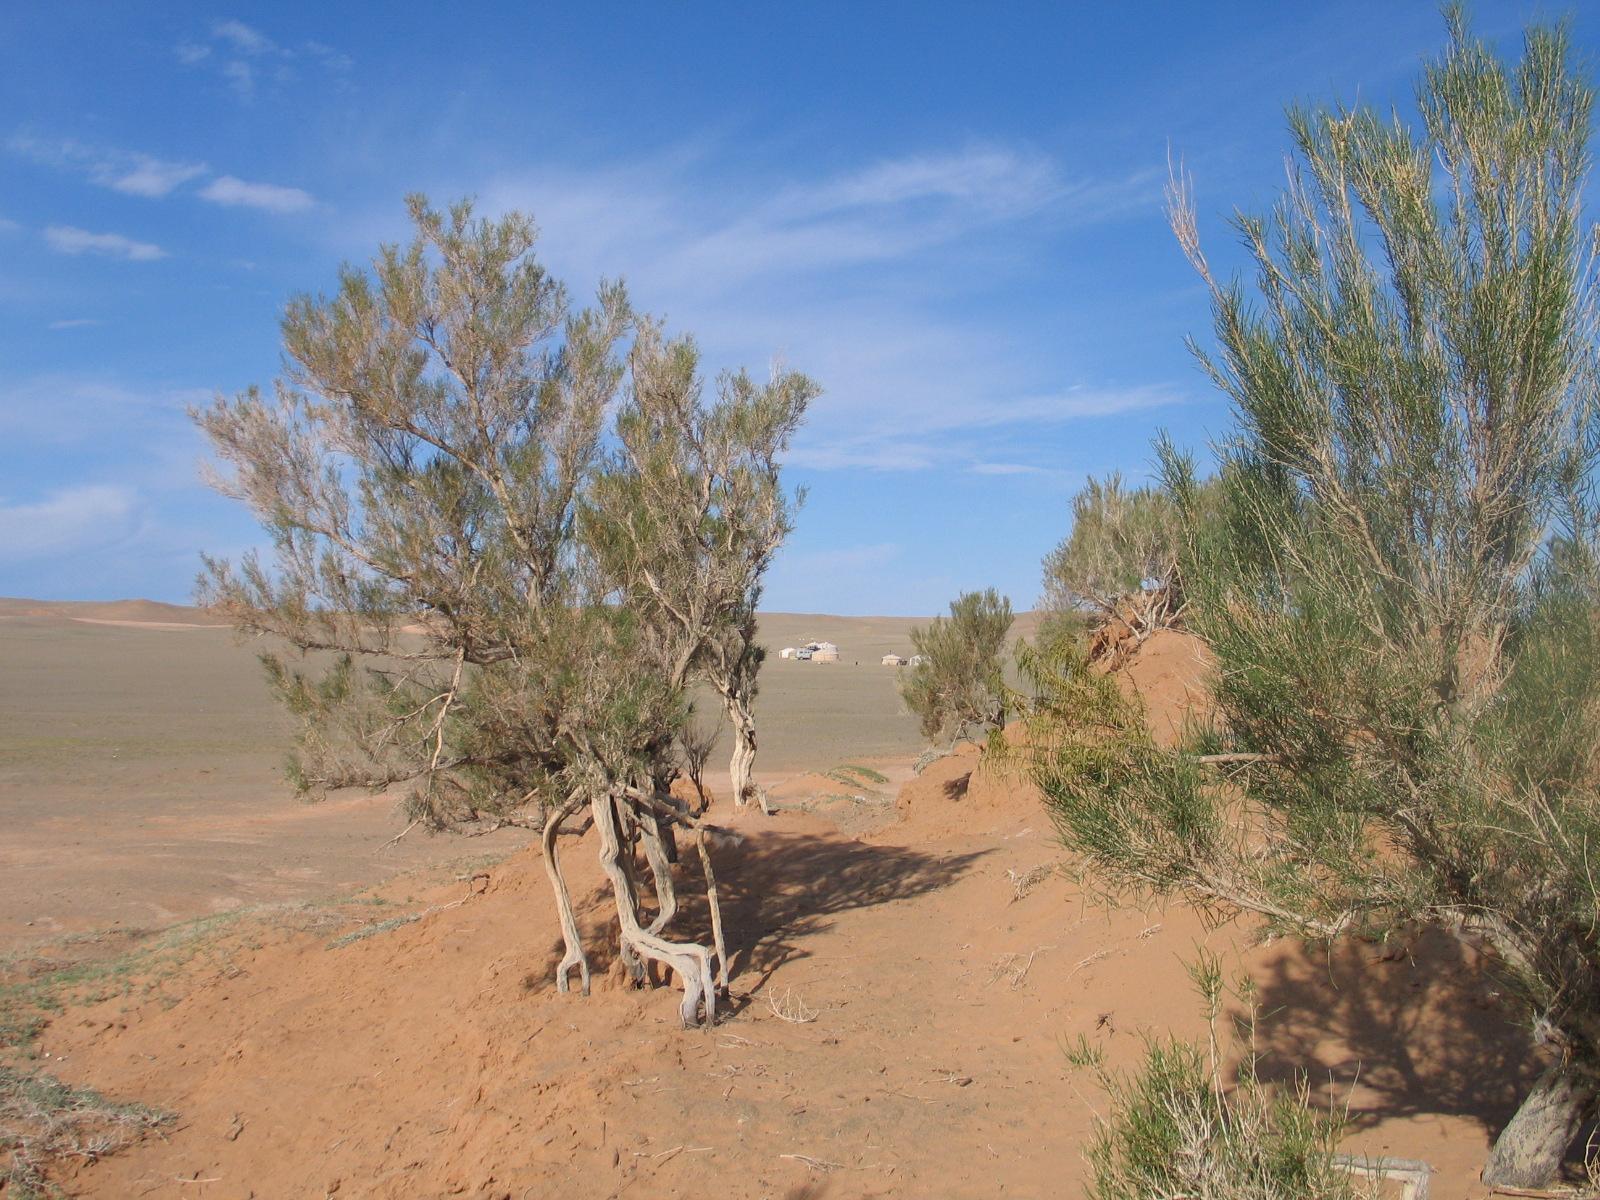 Рослини в пустелі фото 15 фотография